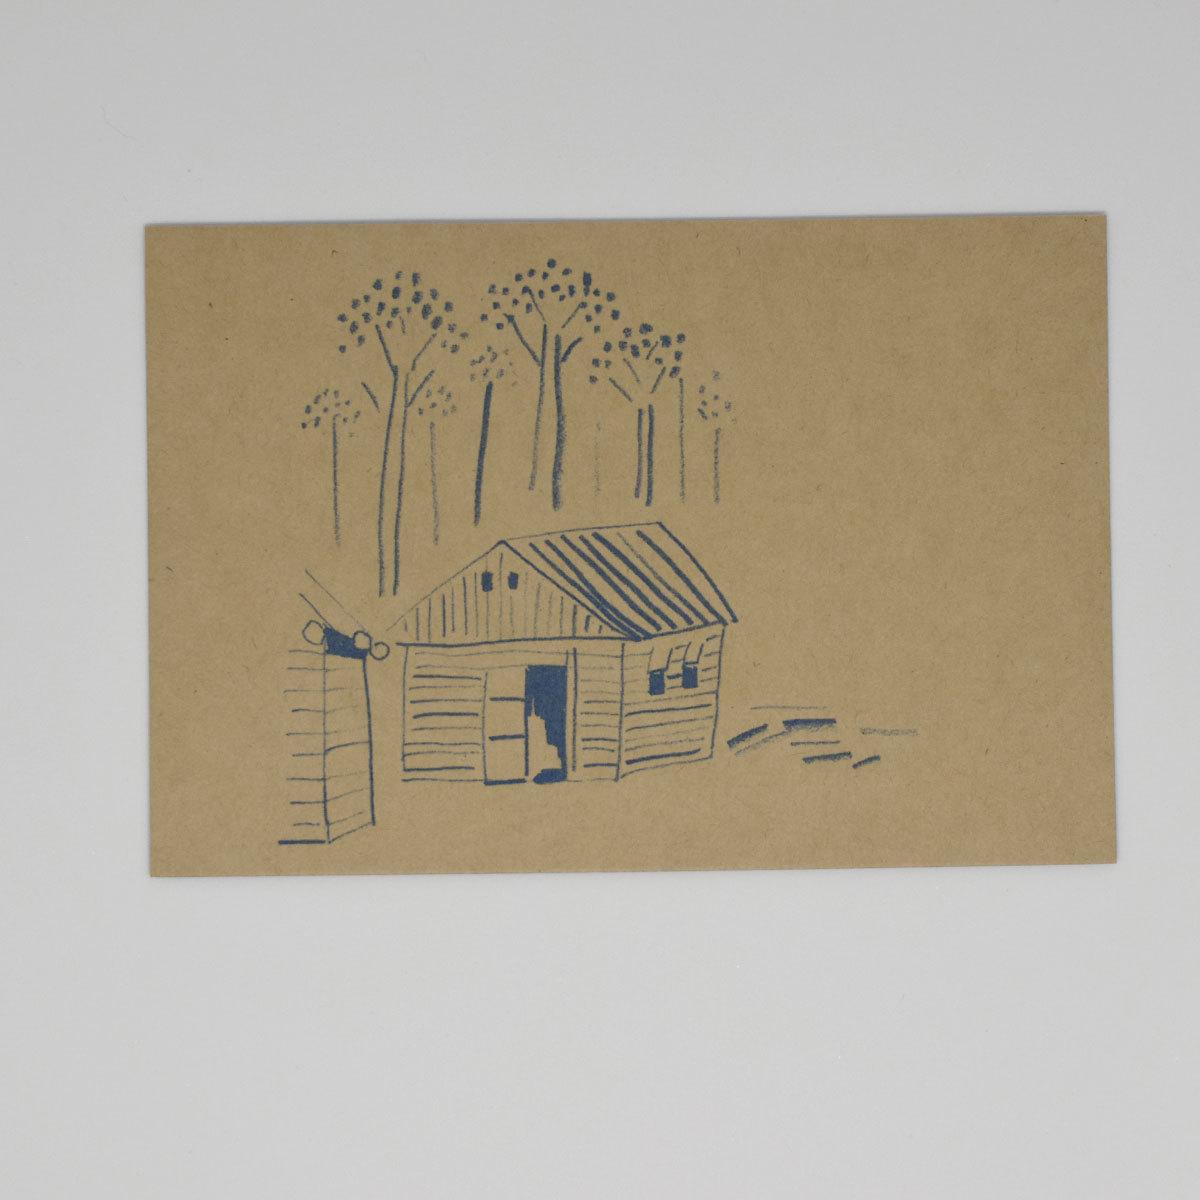 HIGASHI ALPS(ヒガシアルプス)ポストカード 山小屋